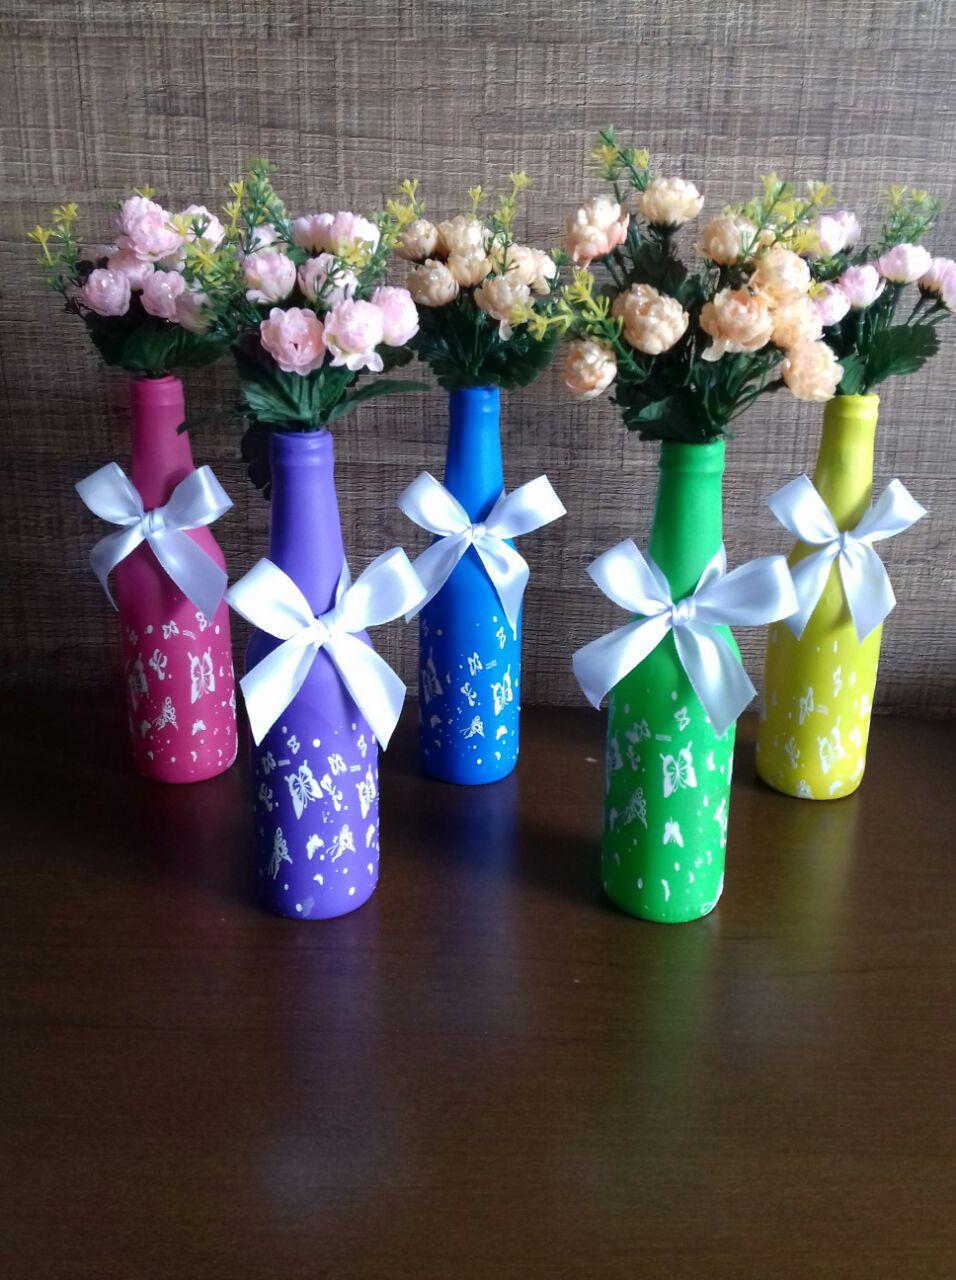 Após colocar a bexiga na garrafa você pode enfeitar com fitas e flores para deixar ainda mais bonito